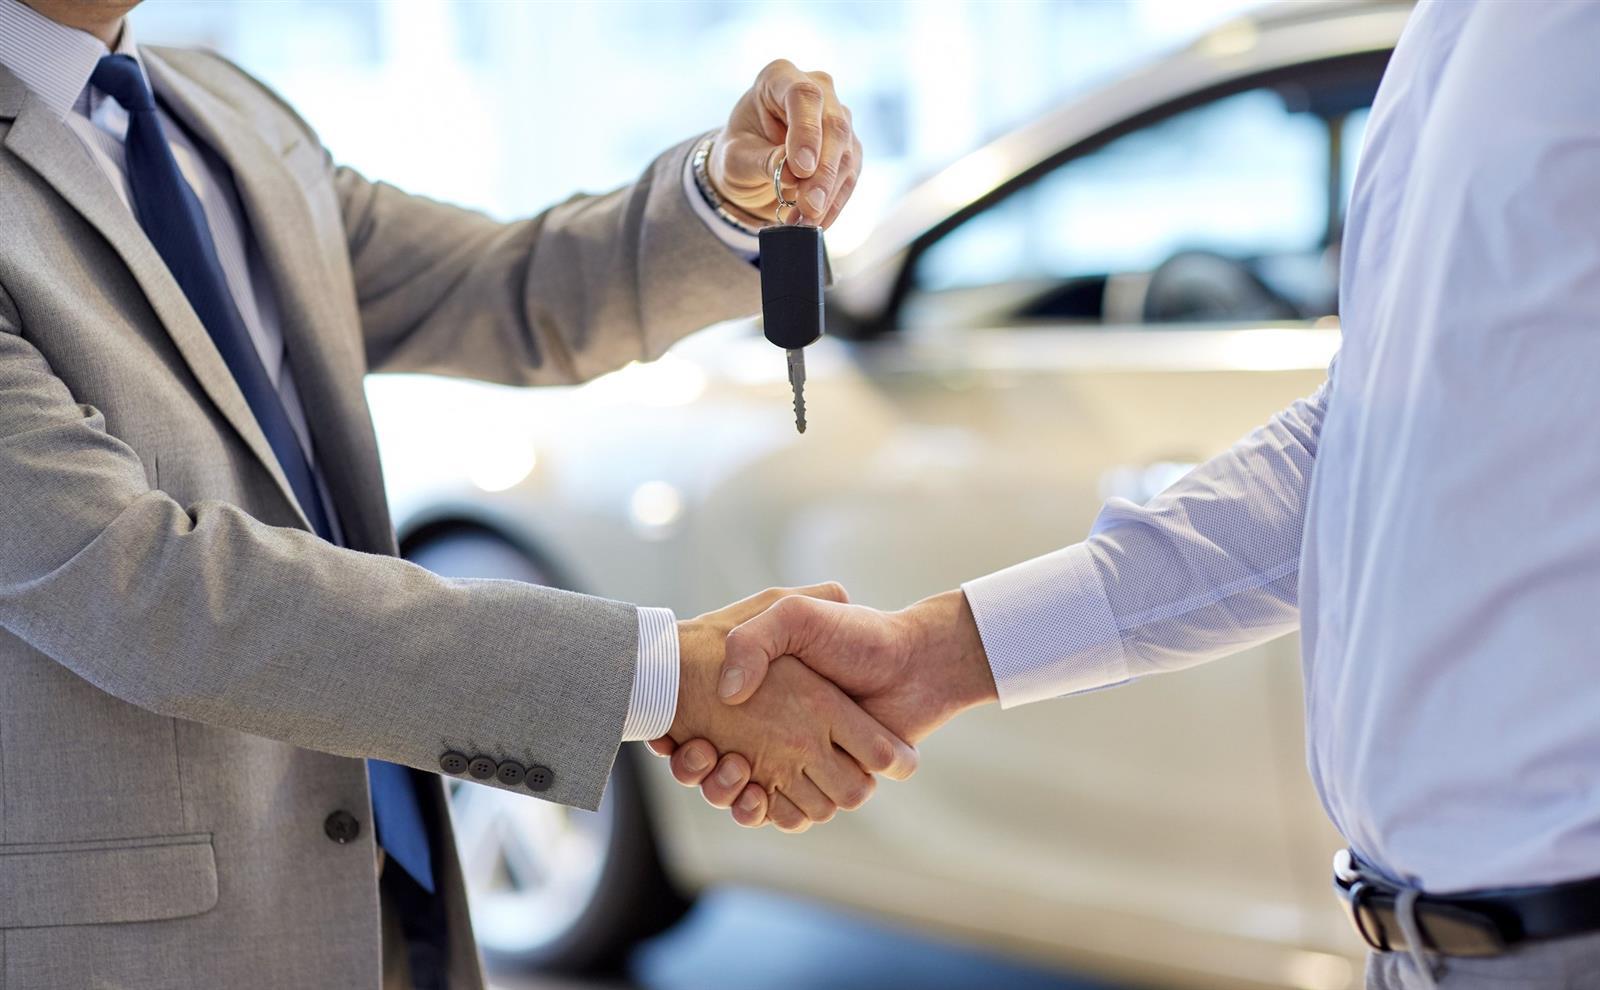 Cách để xe ô tô luôn giữ giá khi bán lại?